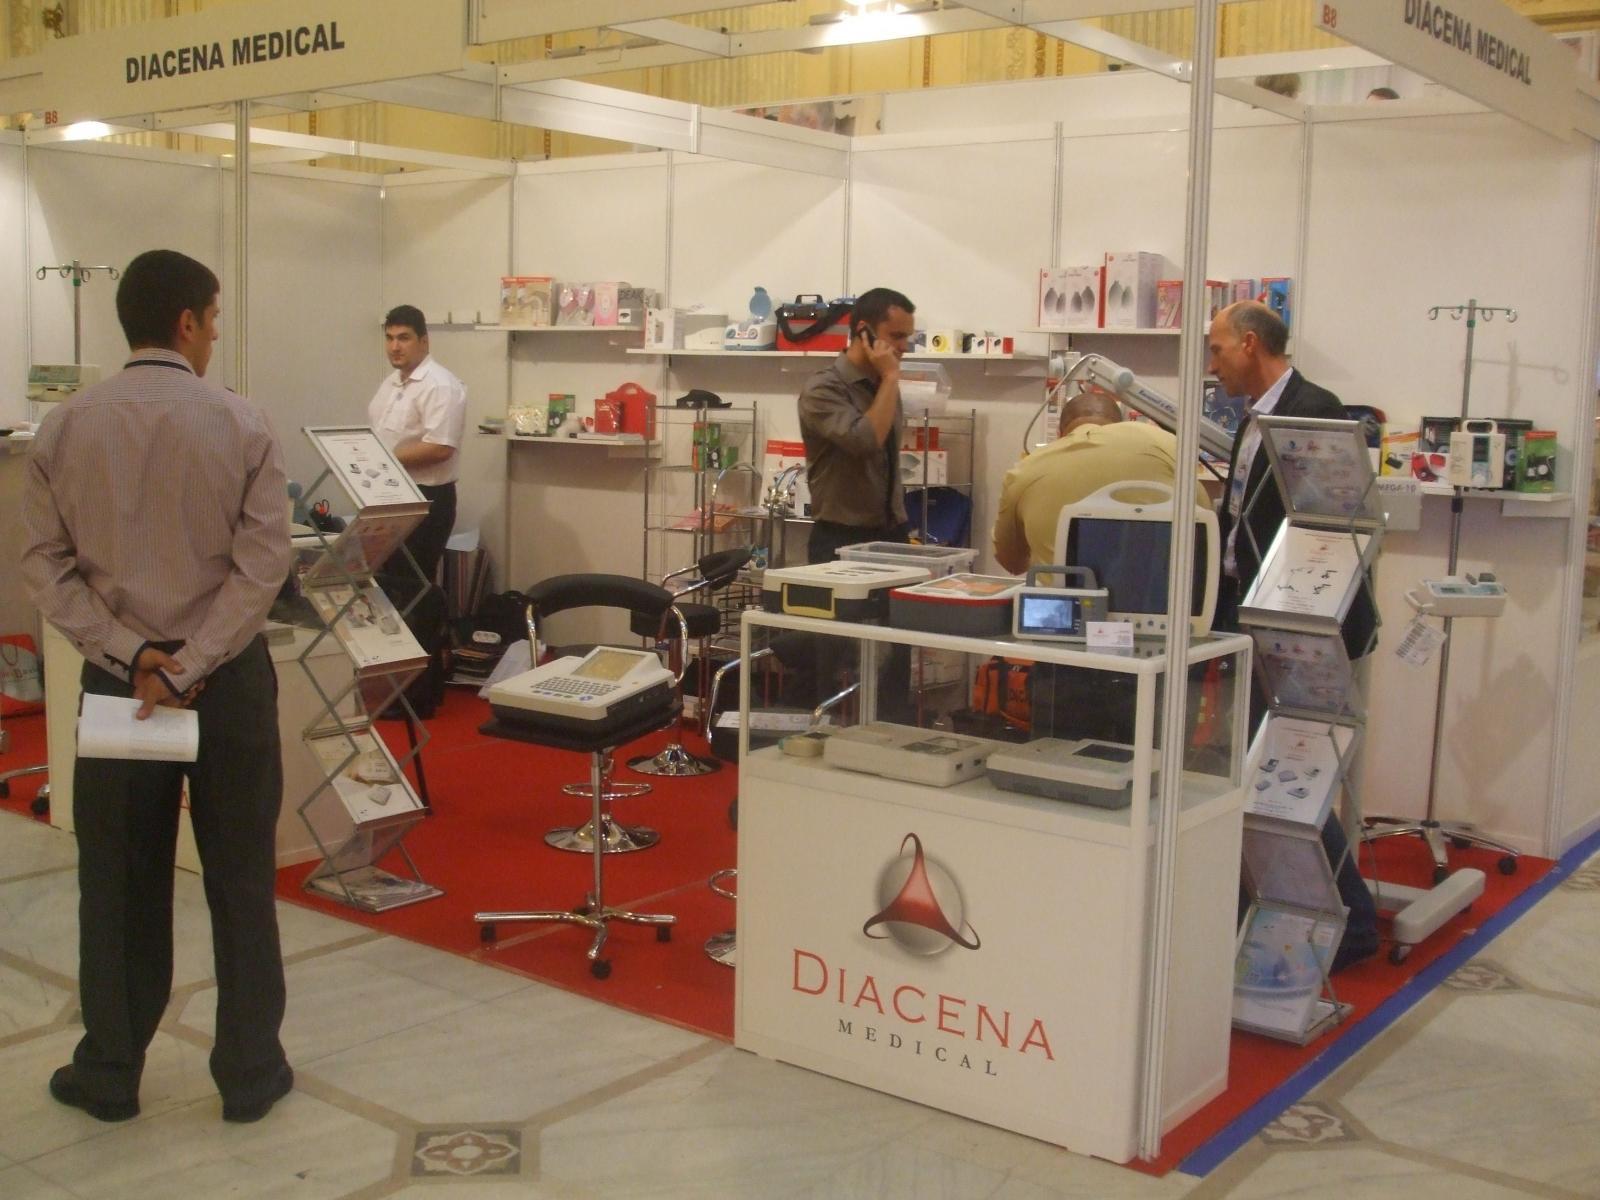 Diacena Medical - DSCF8714.JPG